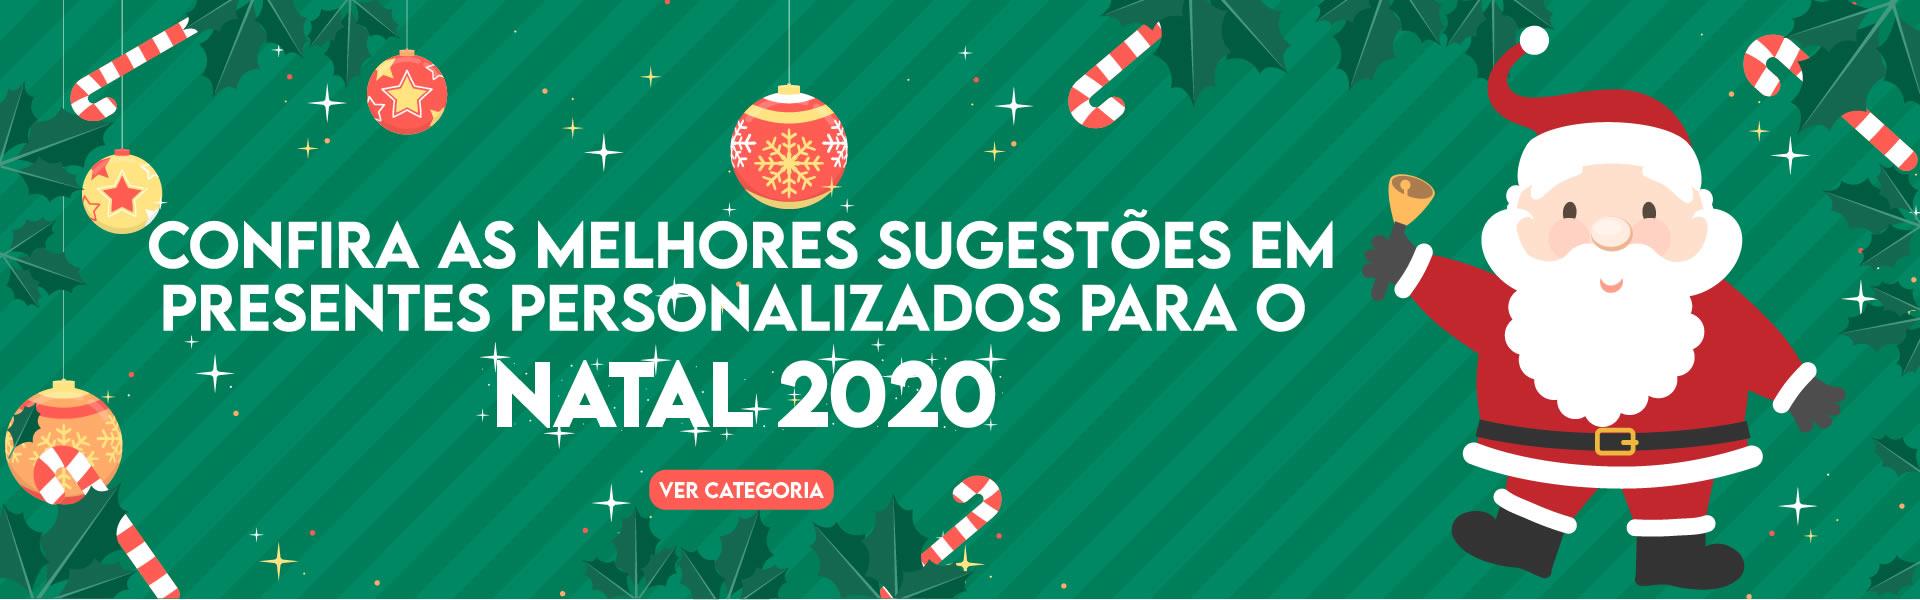 Brindes Personalizados Natal 2020